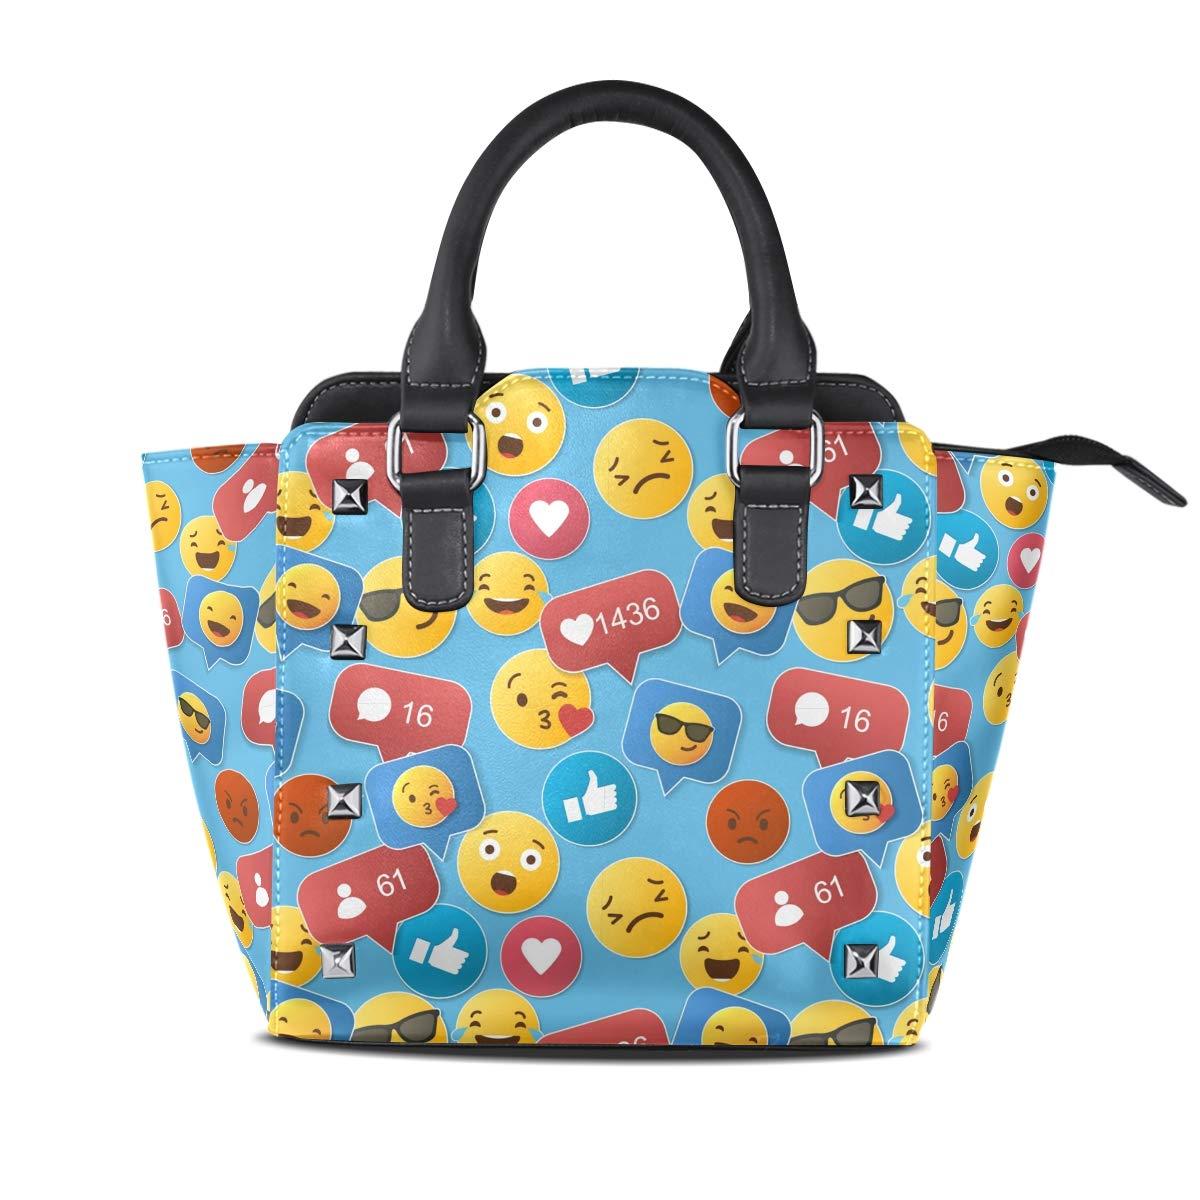 Design1 Emoji Smile Top Handle Satchel Handbags Leather Tote Adjustable Shoulder Rivet Bag for Women